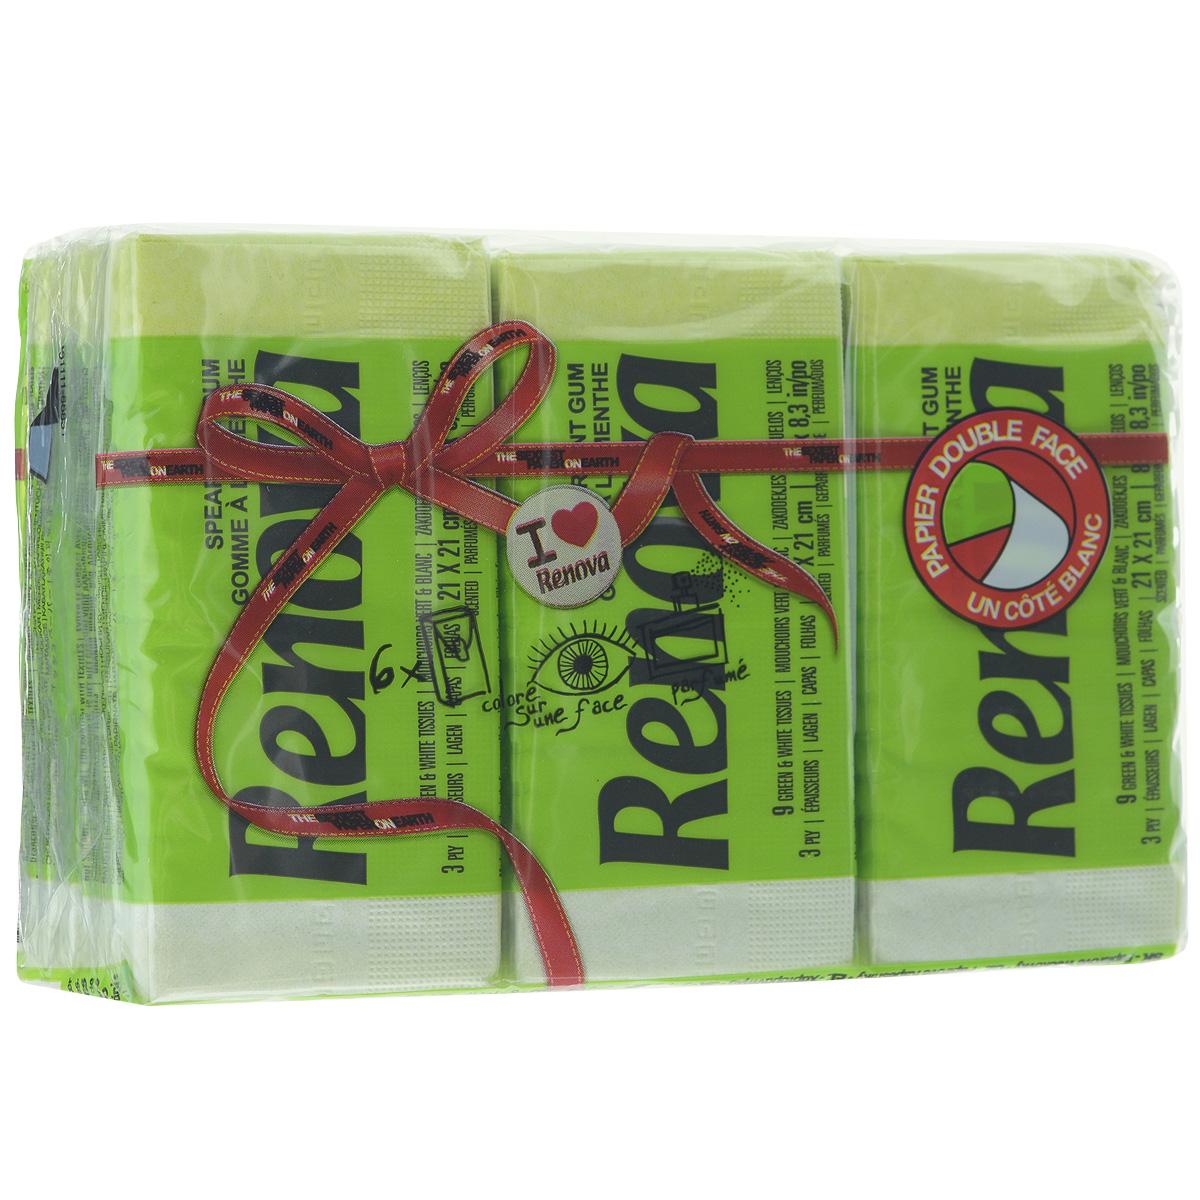 Платочки бумажные Renova Spearmint Gum, ароматизированные, трехслойные, цвет: зеленый, 6 пачек200067003Бумажные гигиенические платочки Renova Spearmint Gum,изготовленные из 100% натуральной целлюлозы, подходят для детей и взрослых. Они обладают уникальными свойствами, так как всегда остаются мягкими на ощупь, прочными и отлично впитывающими влагу и могут быть пригодными в любой ситуации. Бумажные платочки Renova Spearmint Gum имеют свежий аромат мяты. Удобная небольшая упаковка позволяет носить платочки в кармане.Количество слоев: 3.Размер листа: 21 см х 21 см.Количество пачек: 6 шт.Количество платочков в каждой пачке: 9 шт.Португальская компания Renova является ведущим разработчиком новейших технологий производства, нового стиля и направления на рынке гигиенической продукции. Современный дизайн и высочайшее качество, дерматологический контроль - это то, что выделяет компанию Renova среди других производителей бумажной санитарно-гигиенической продукции.